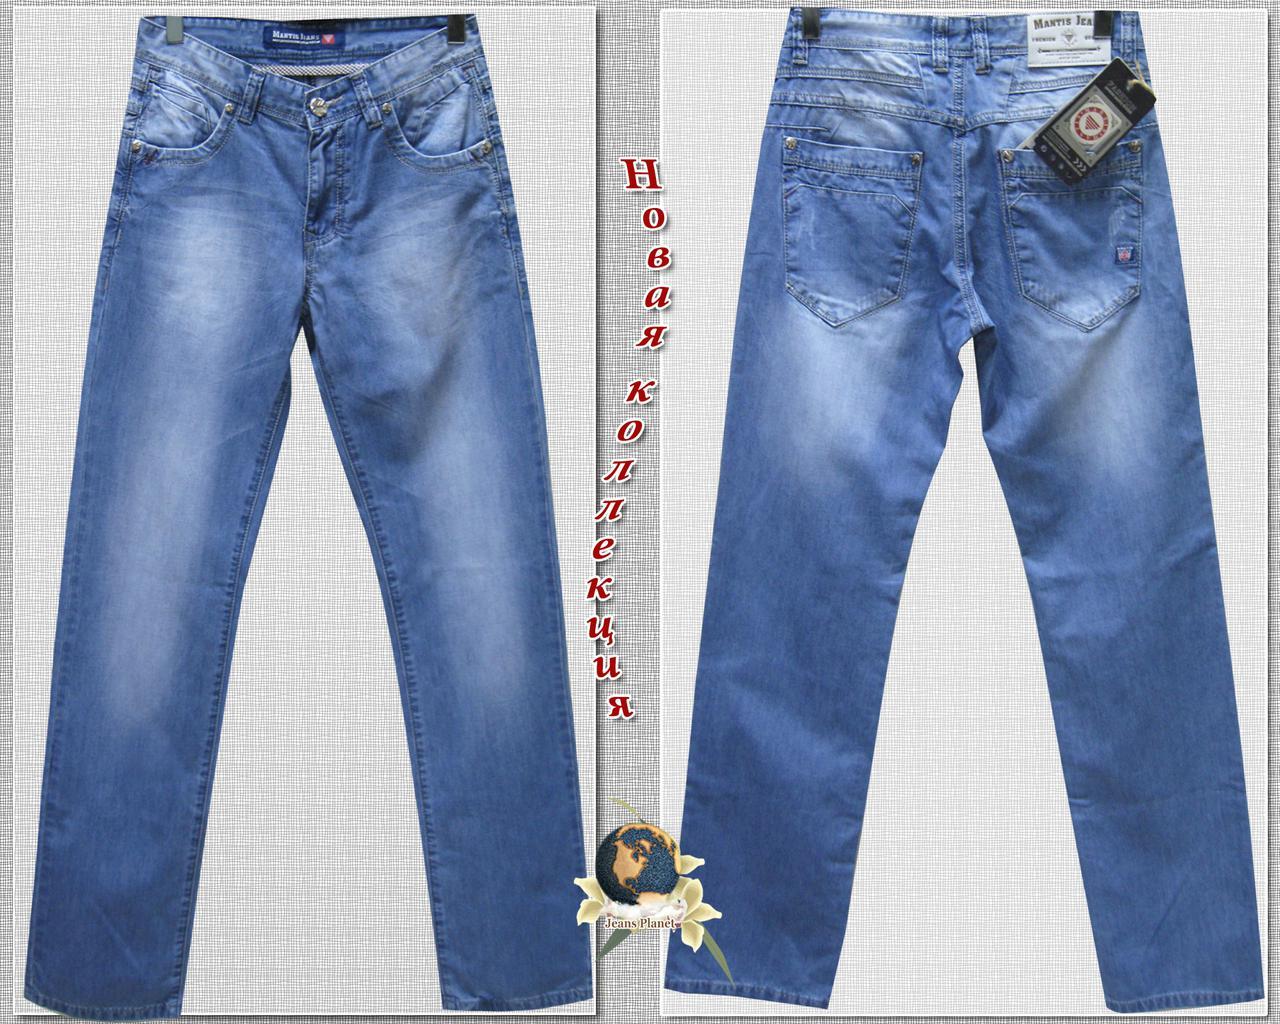 Джинсы мужские классические Mantis Jeans голубого цвета